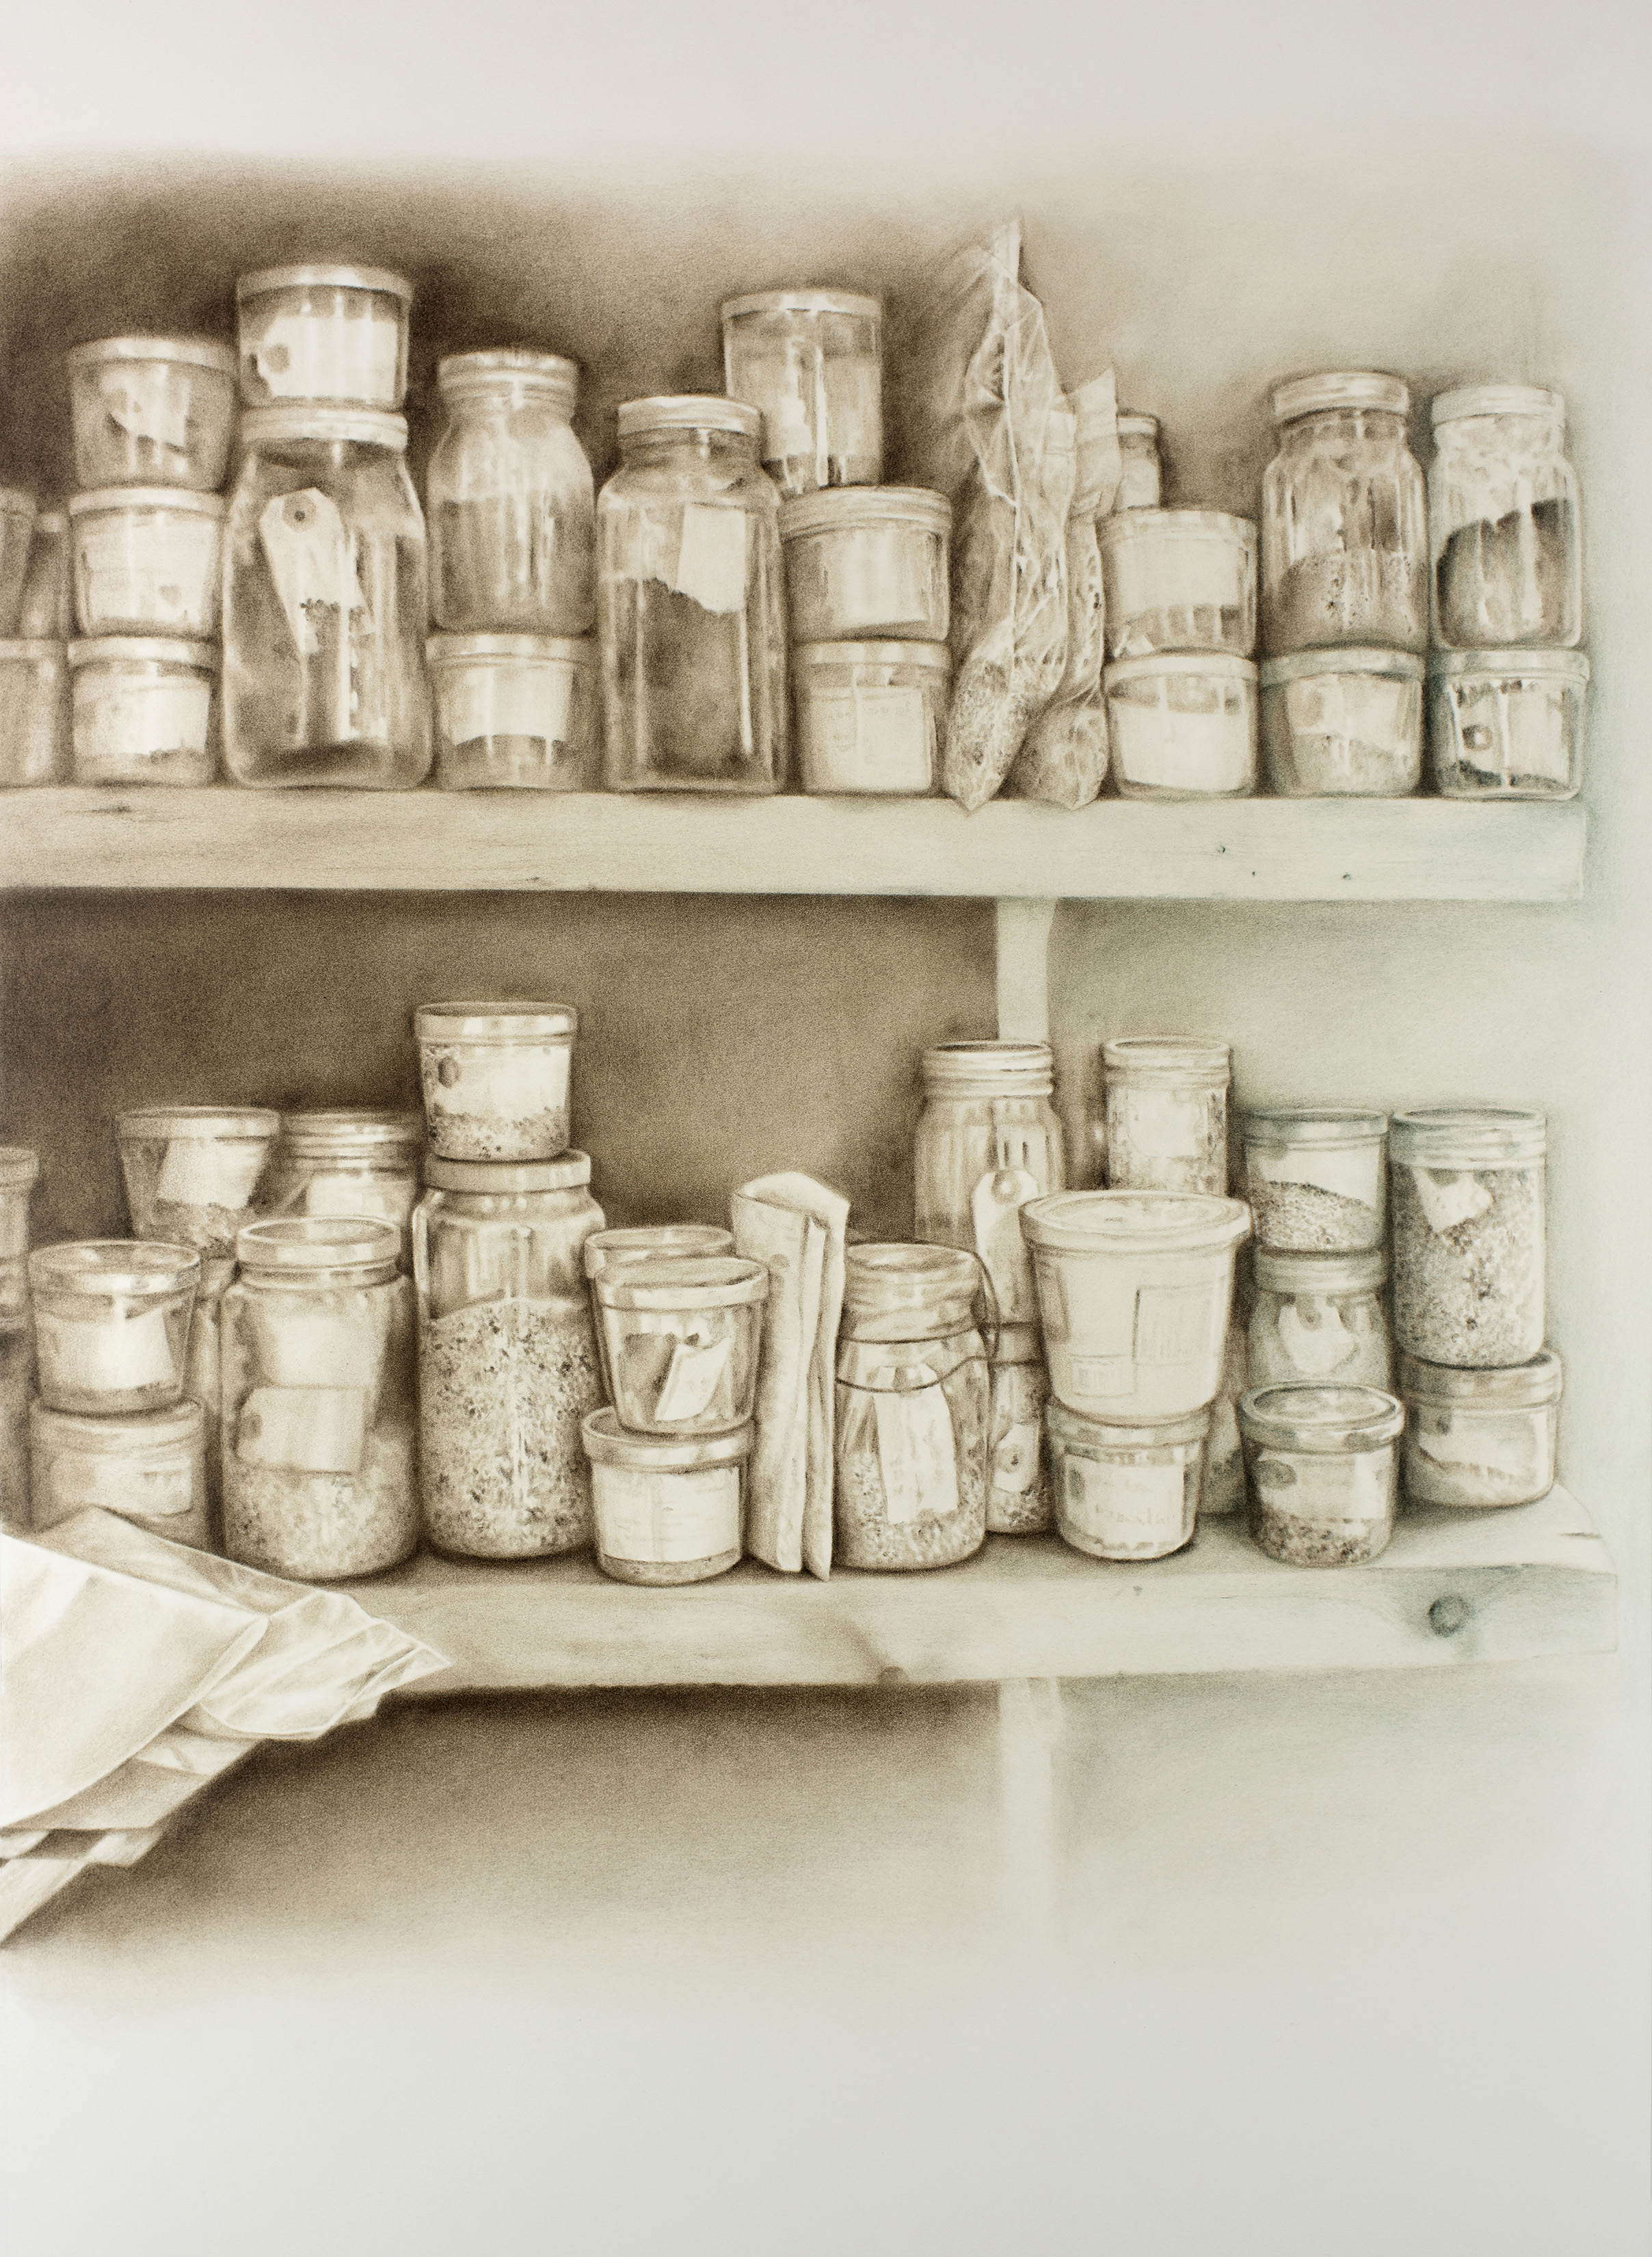 """Andréanne Godin,  La graineterie,  from the series  207 rang de l'Embarras , 2018, dry pigments on Arches paper, 42"""" x 31"""" (107 x 79 cm)"""